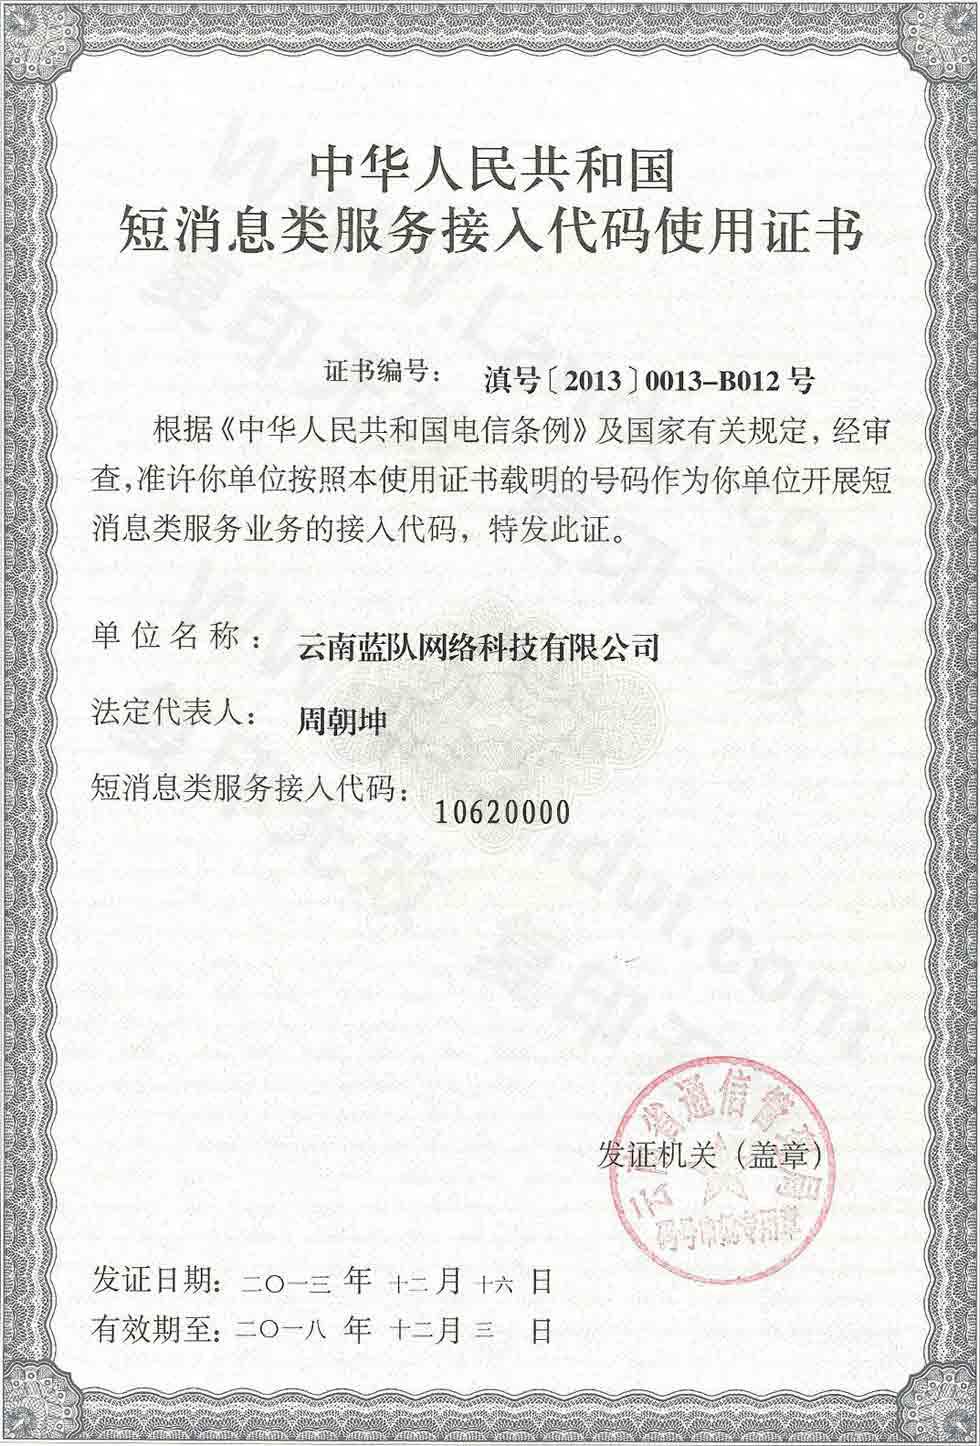 蓝队云短信息代码证书